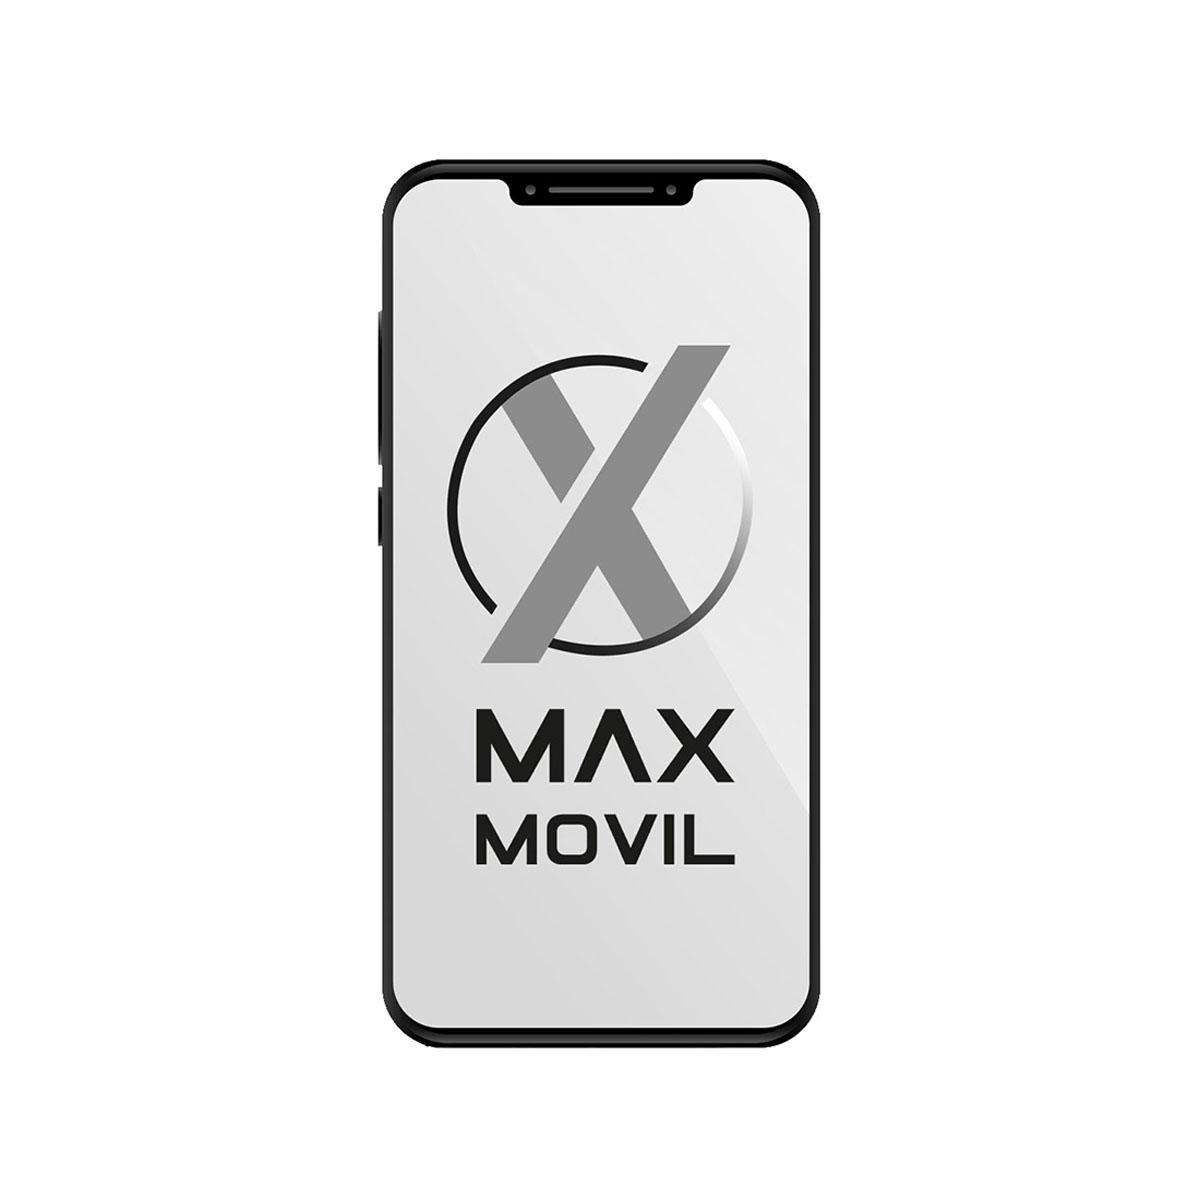 Carcasa con tarjetero y soporte plata para iPhone 7 Plus / 8 Plus